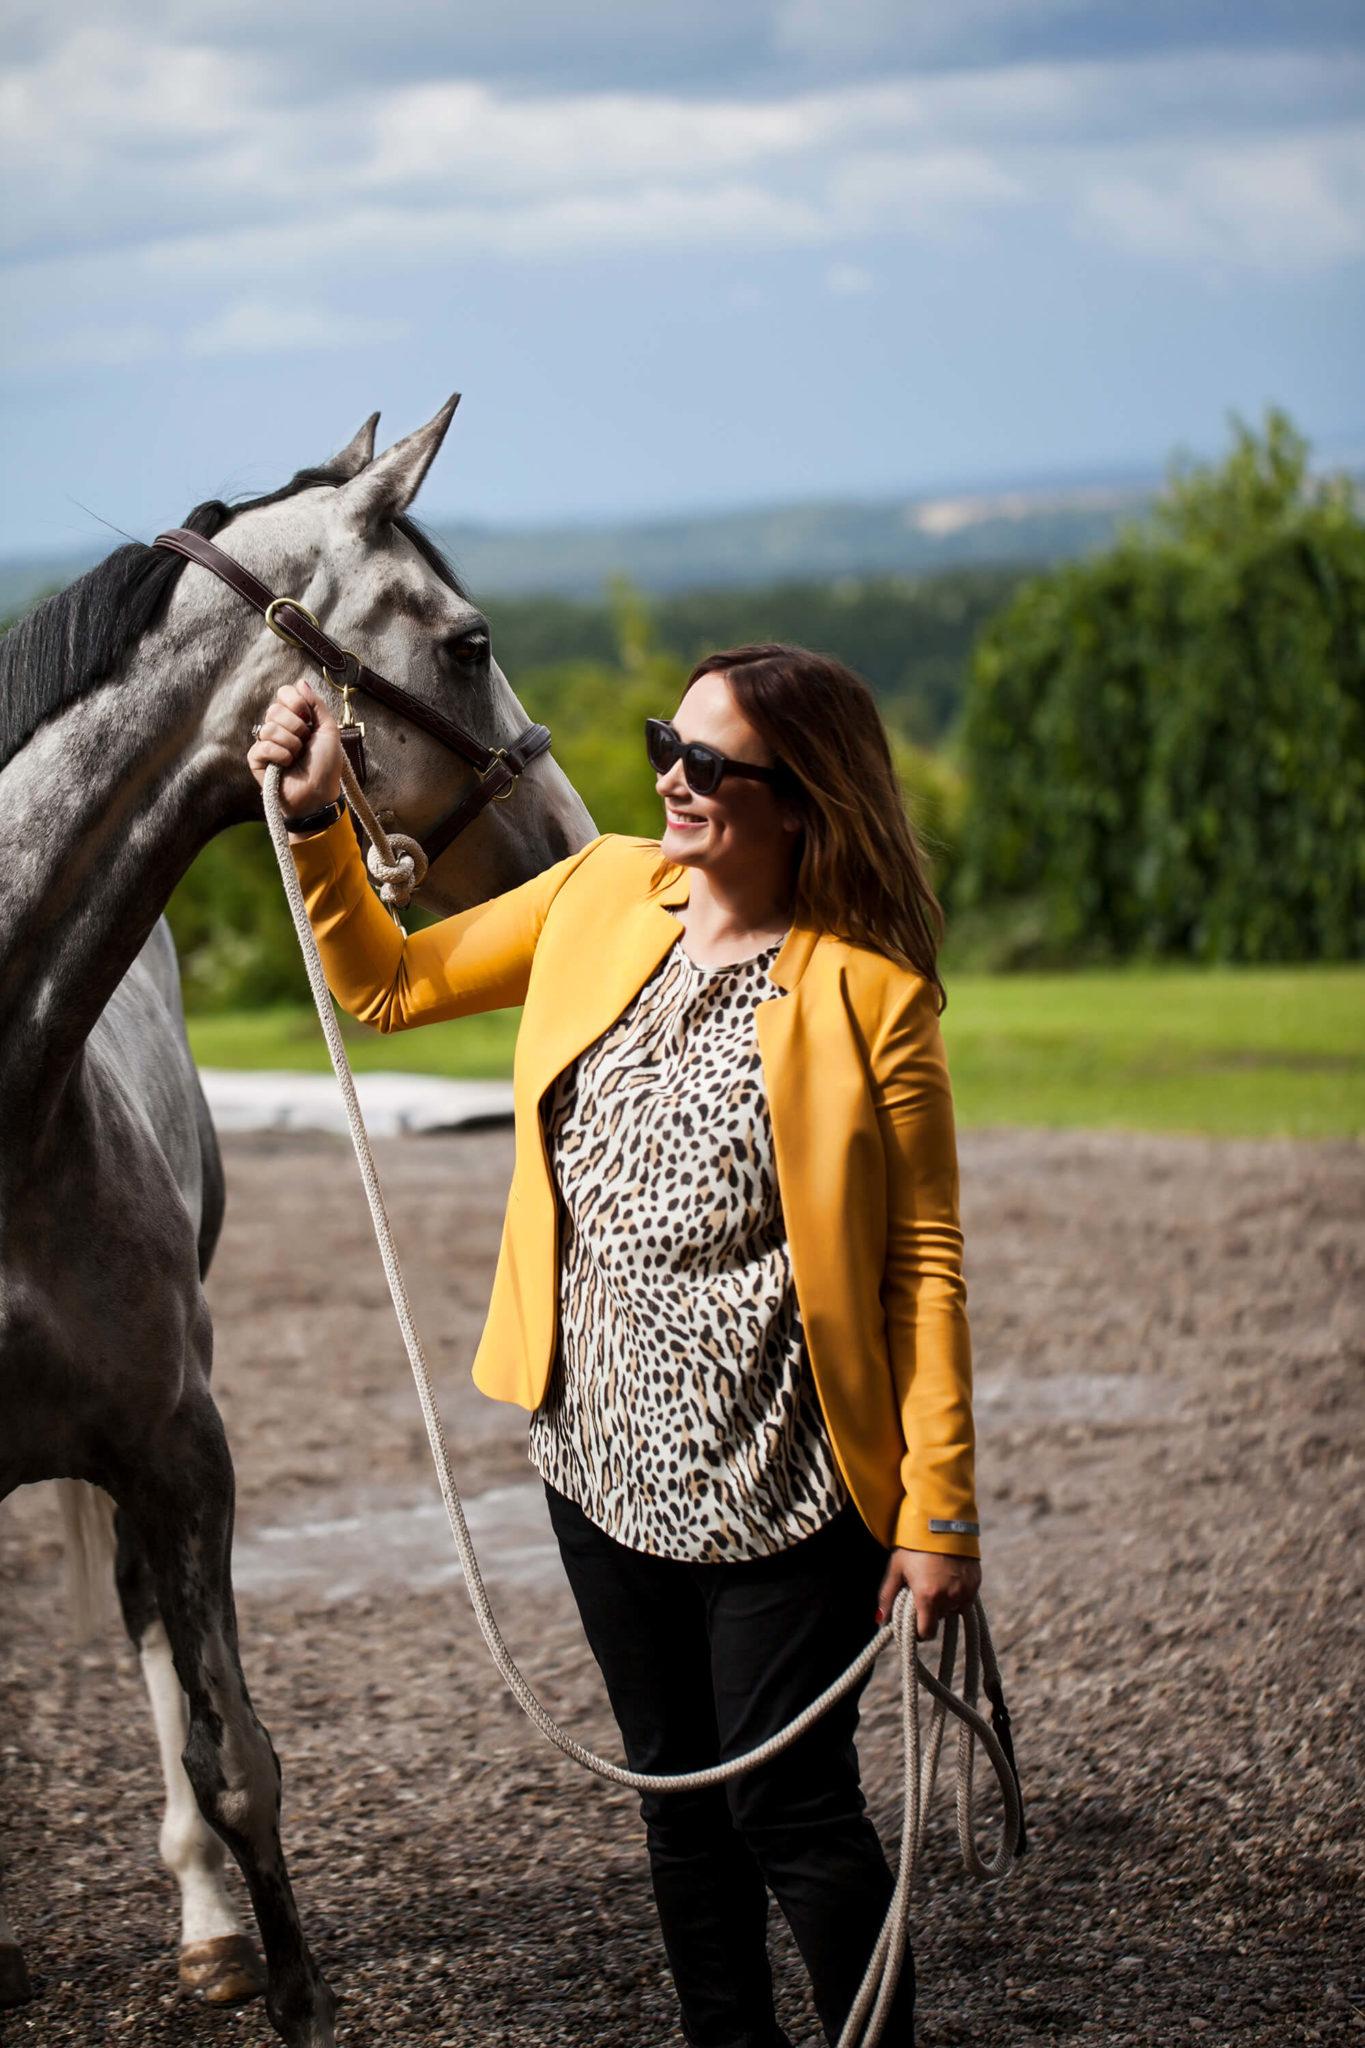 Fotografering av Lisen Fredricson och en häst utomhus